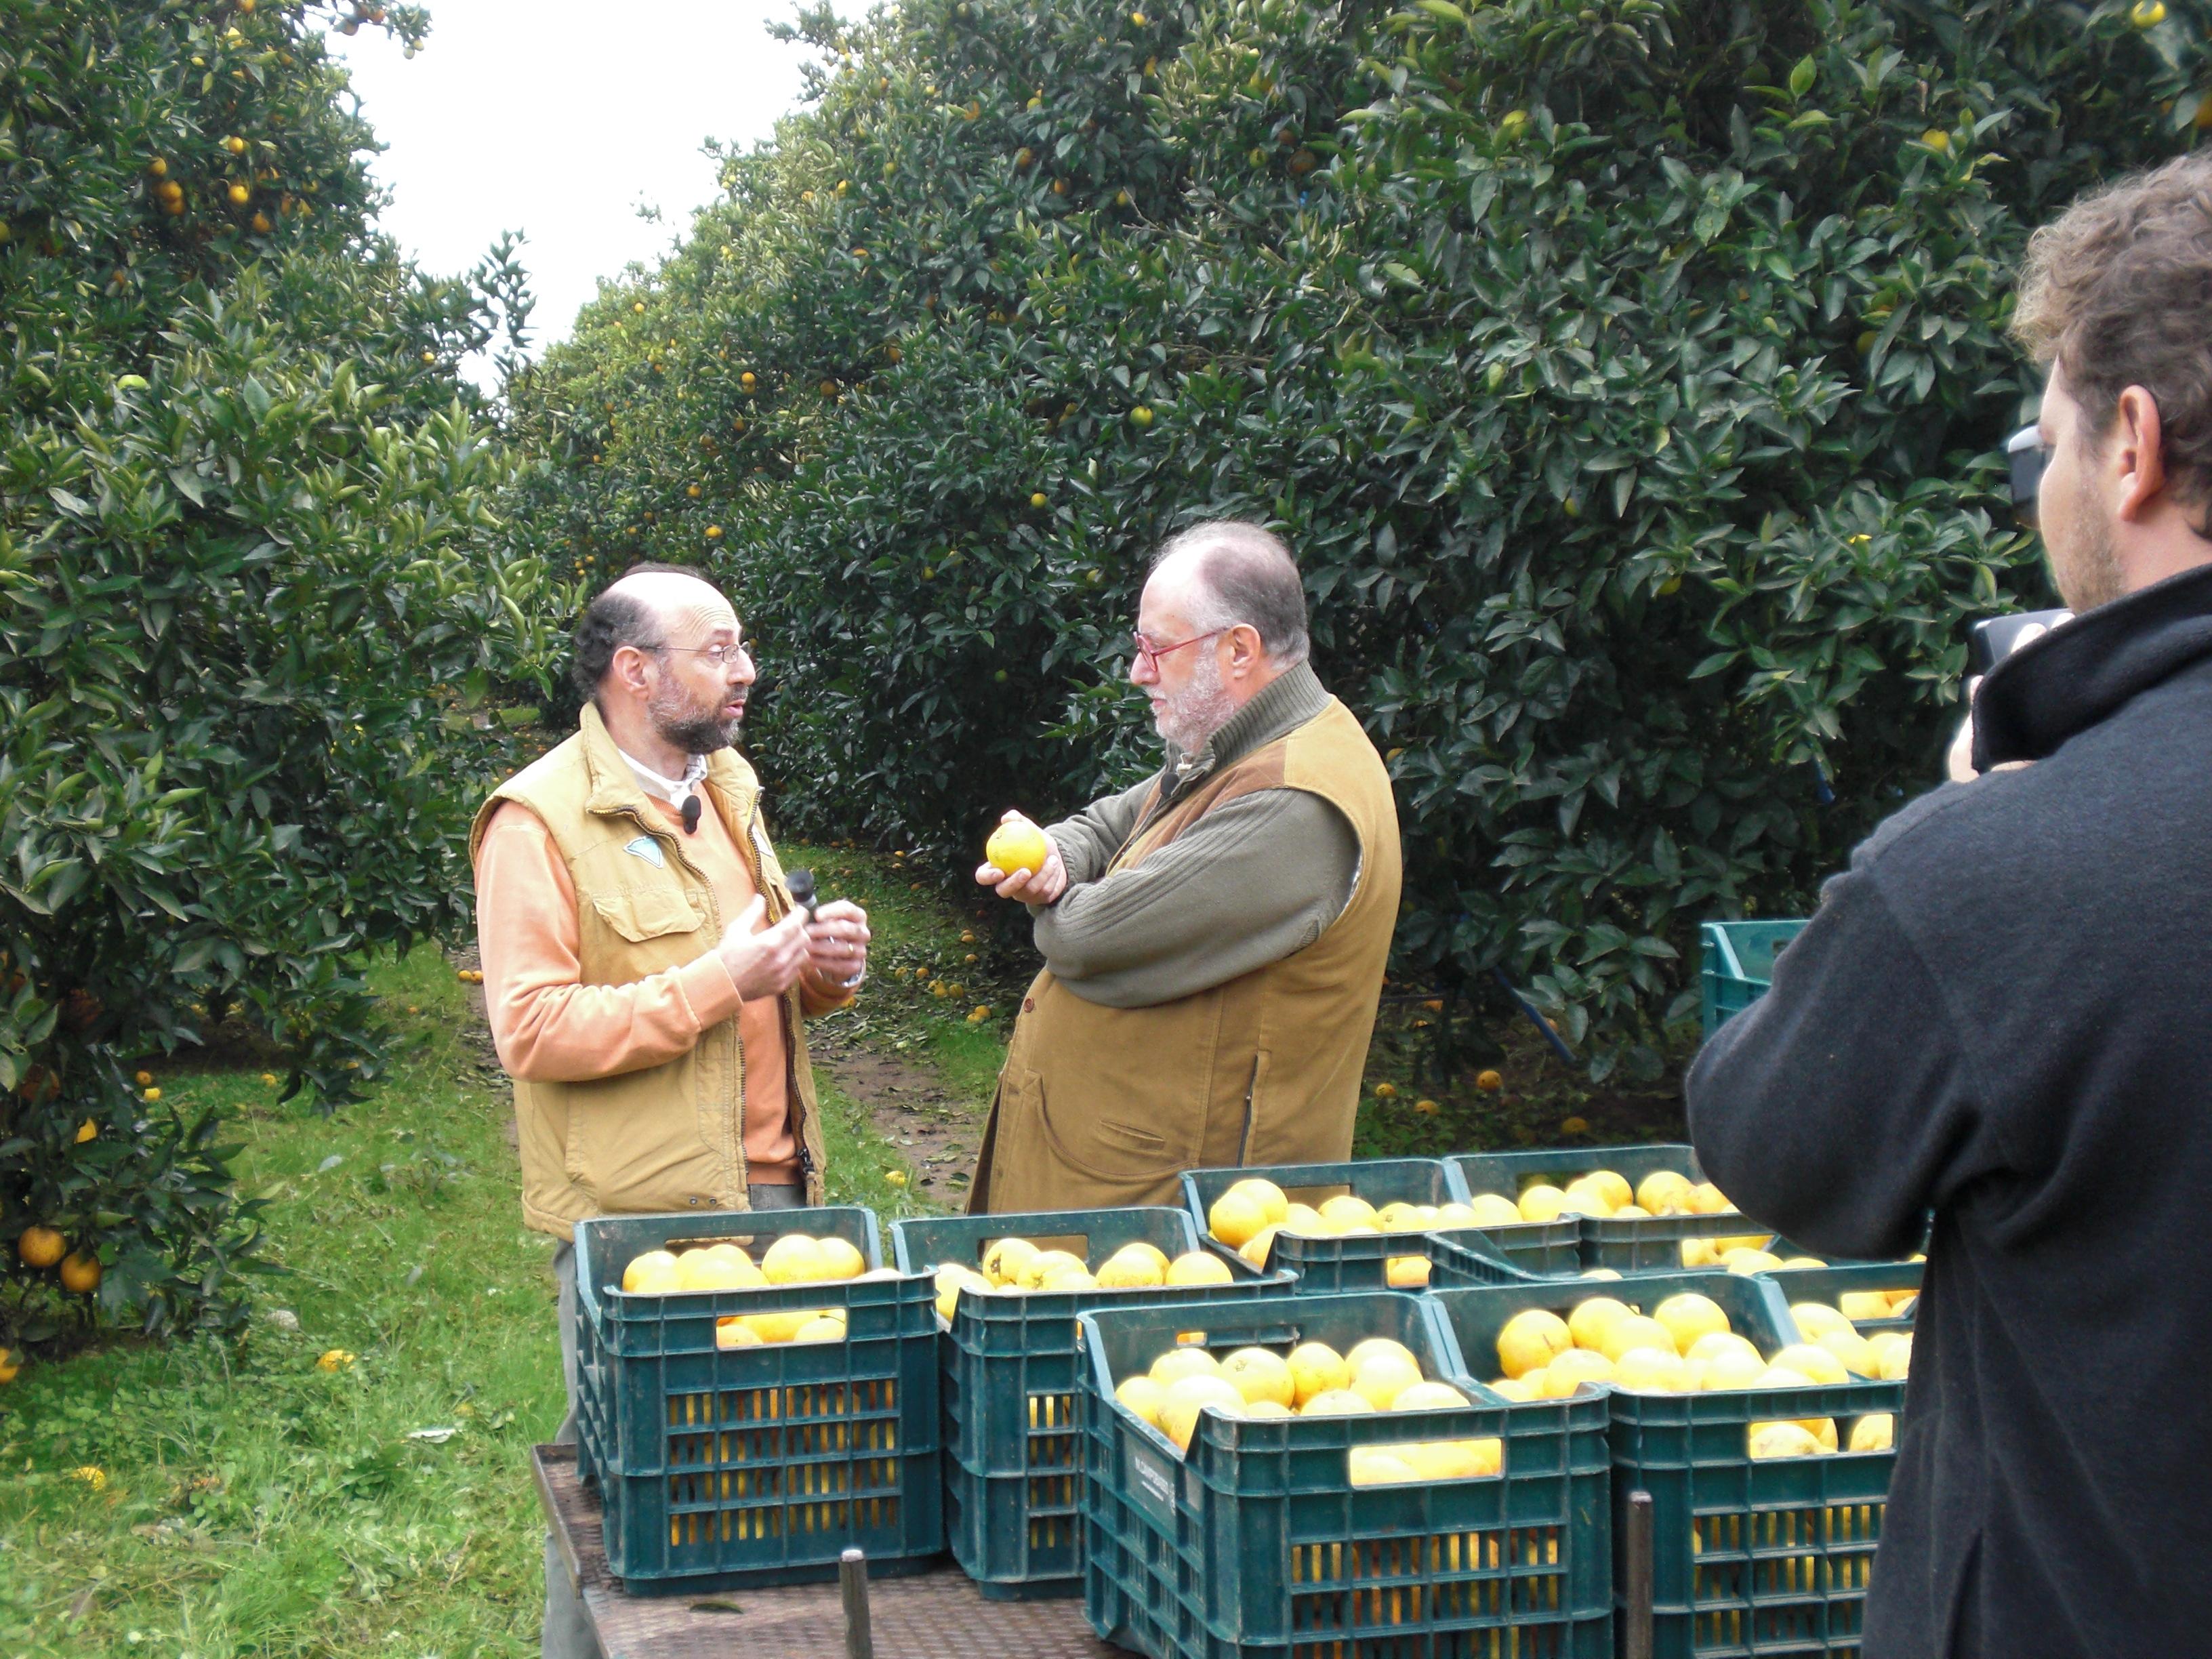 Gli agrumi di Palagiano in televisione su Canale 5